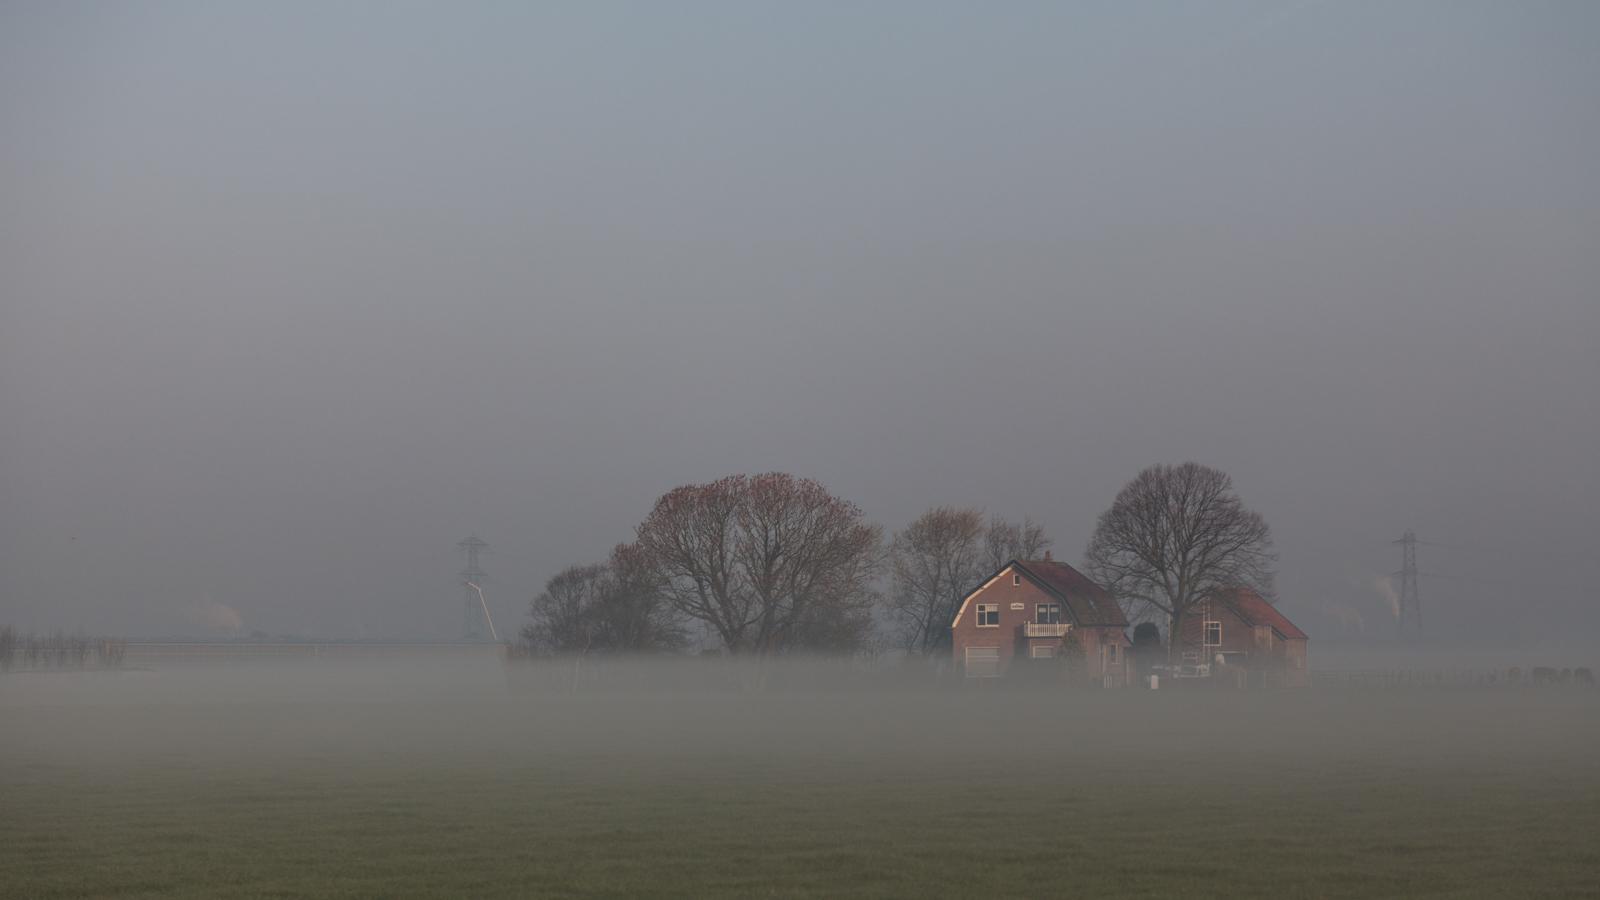 Early Morning Fog - Korteraar, Netherlands - 2015